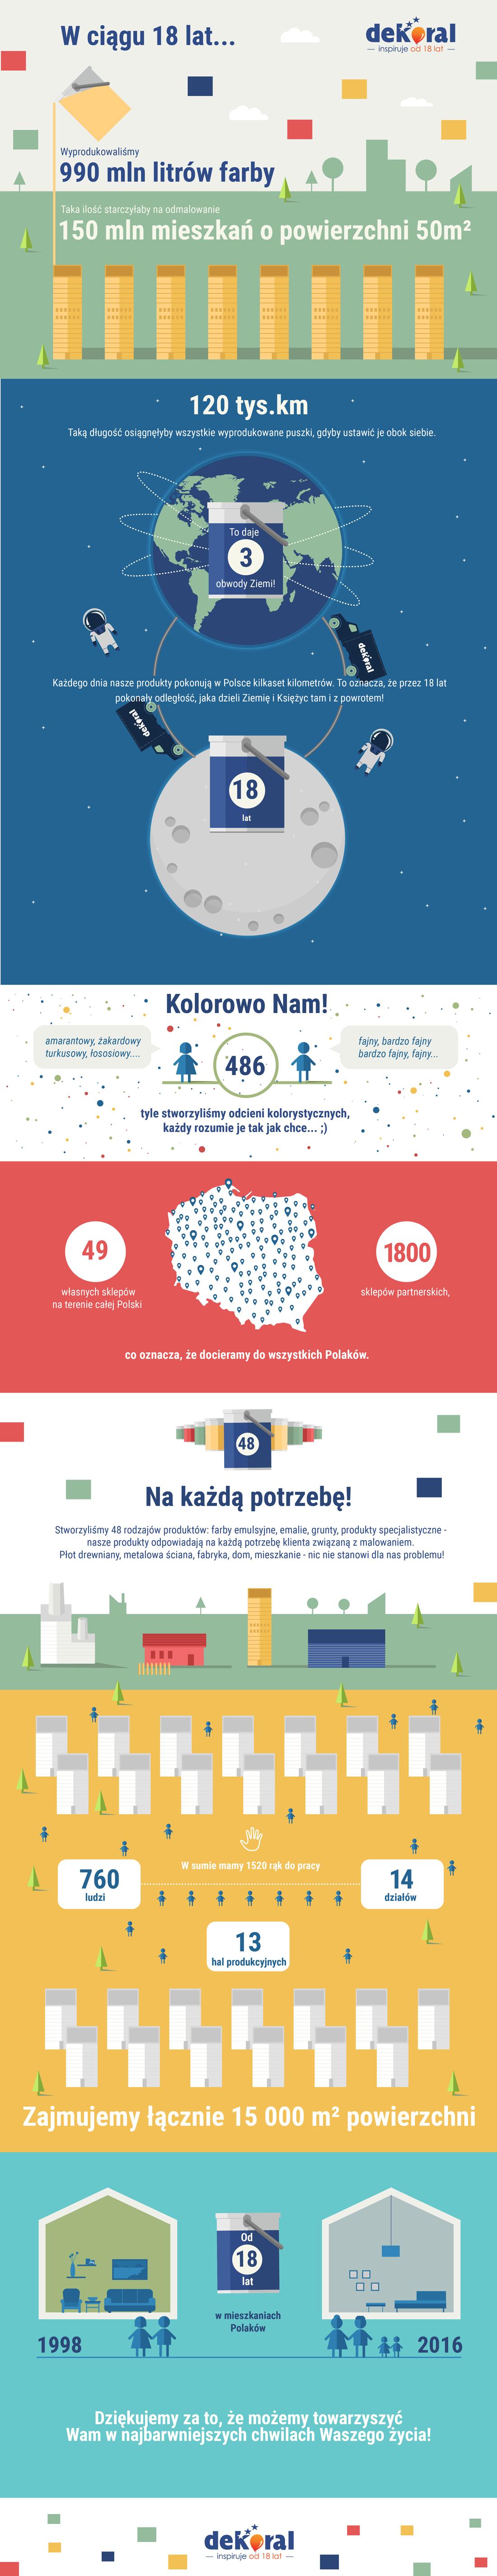 18-te-urodziny-dekoral-farby-infografika